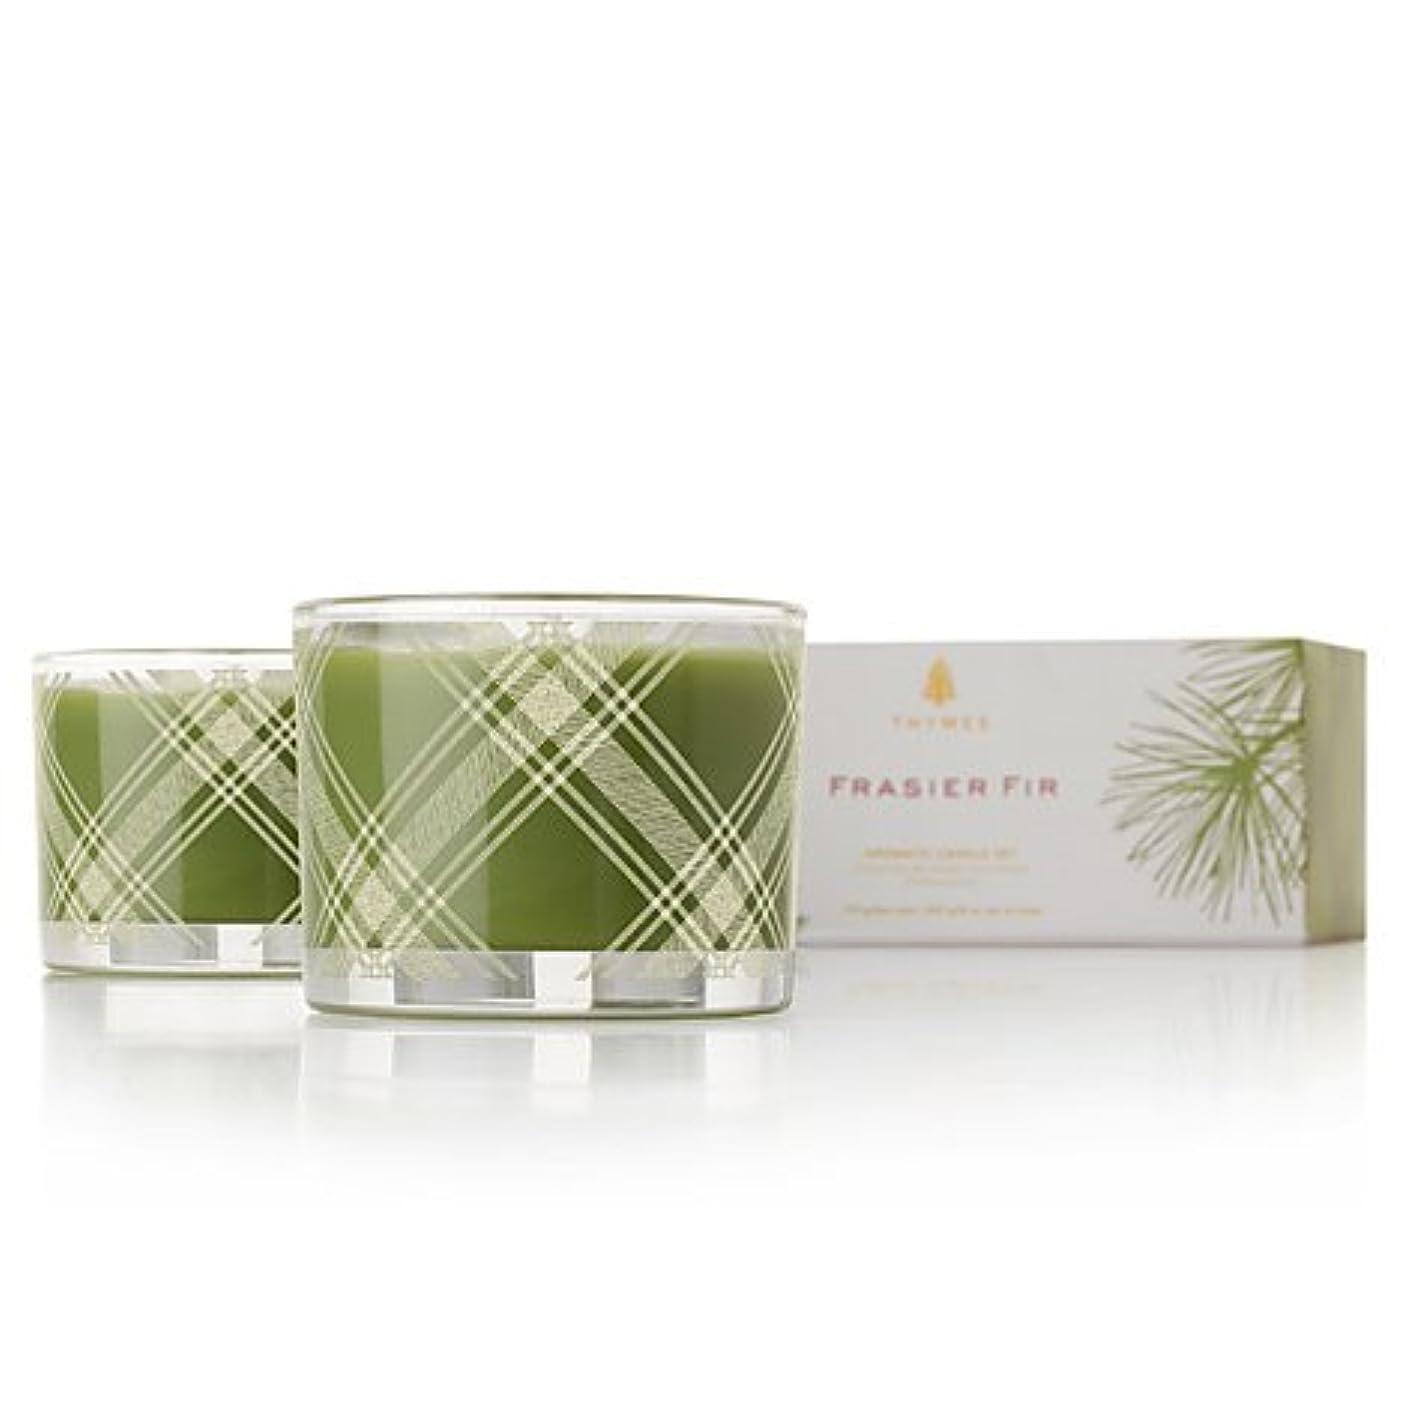 アコード細断間違っているThymes Frasier Fir Aromatic Poured Candle Set 2 x 3.75 oz by Thymes